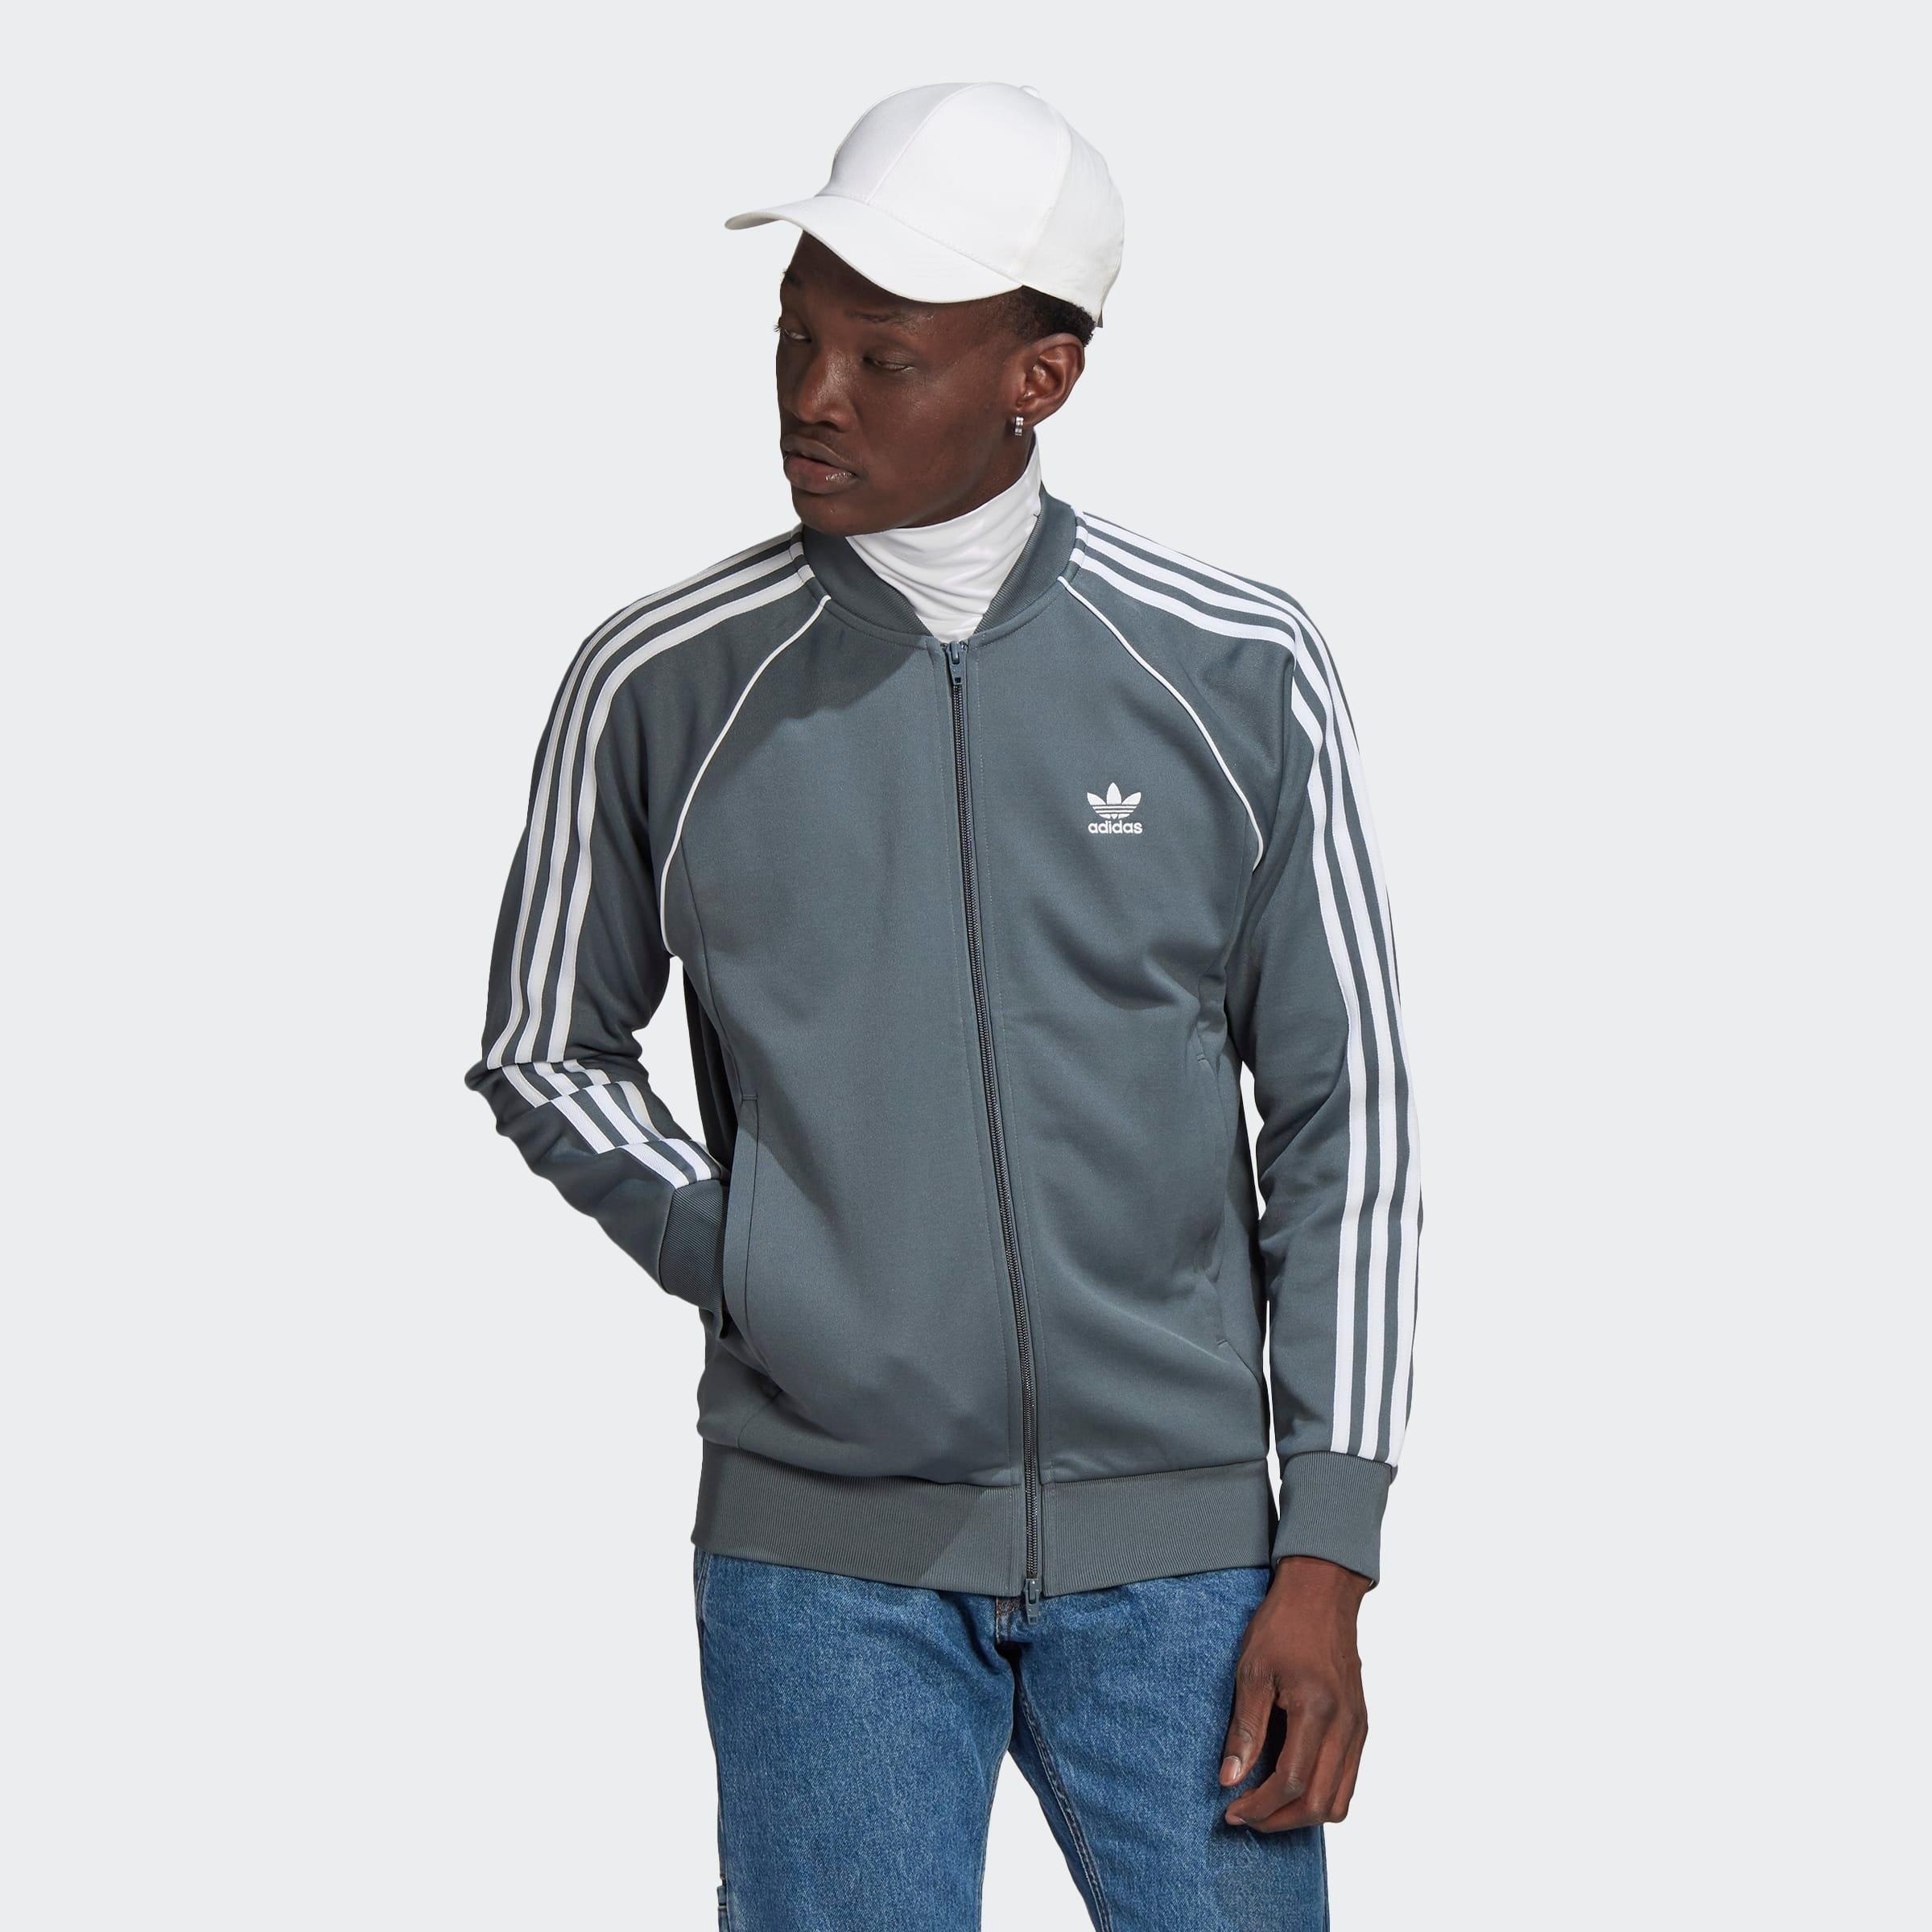 adidas Originals trainingsjack »SST TREACKTOP P BLUE« bestellen: 30 dagen bedenktijd